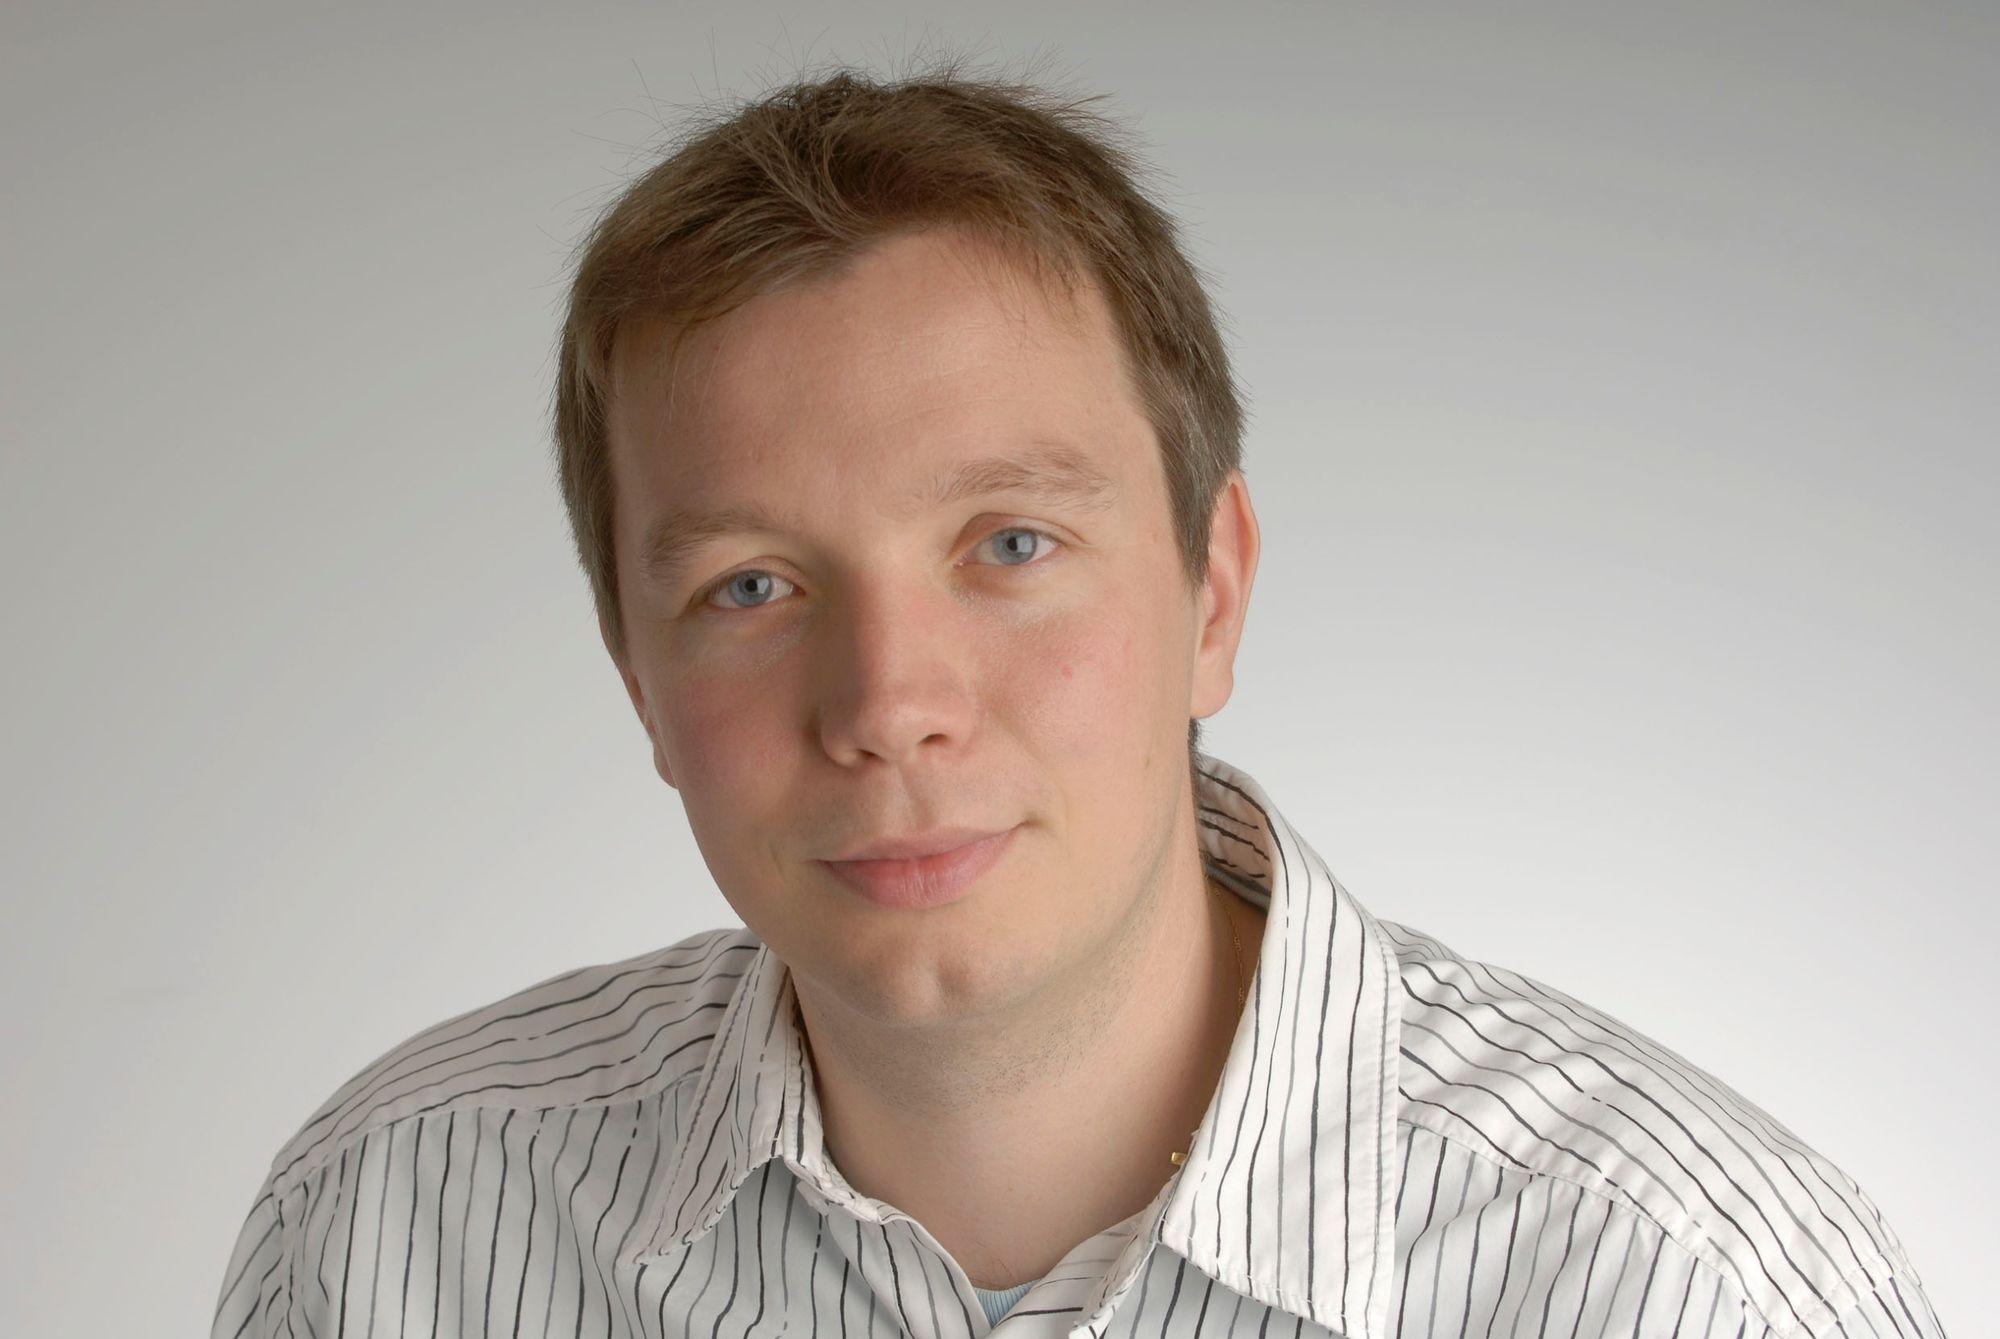 Christian Rotter